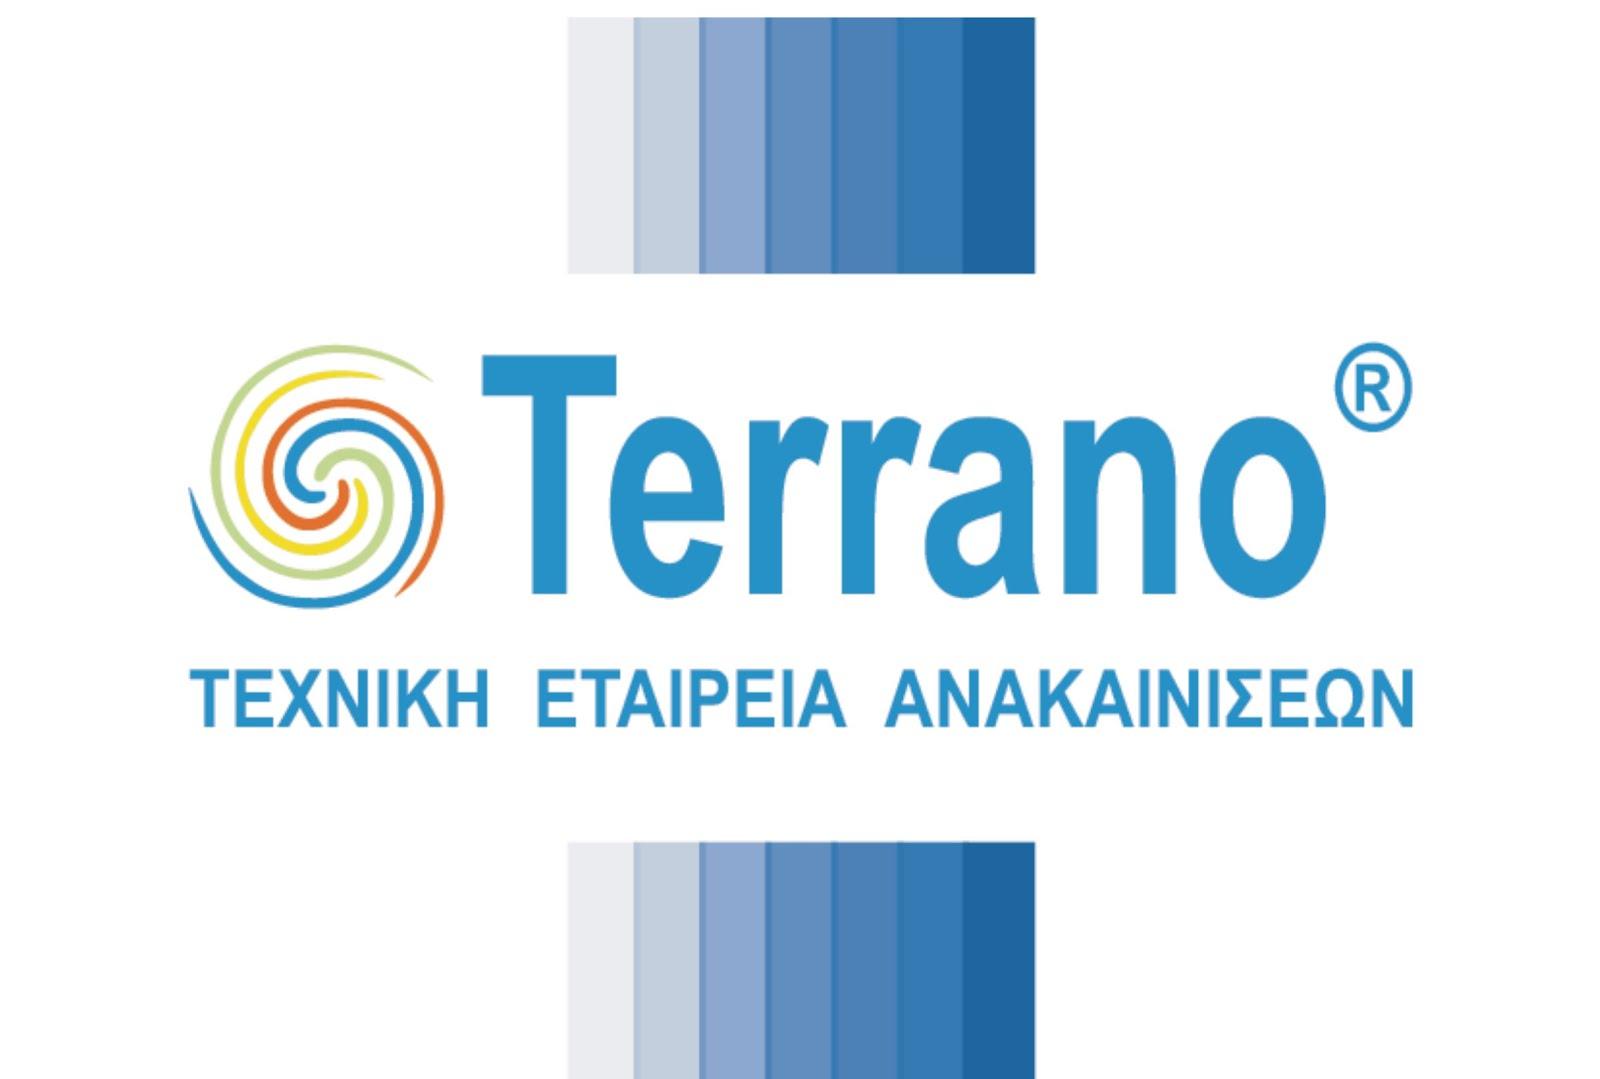 Terrano Τεχνική Εταιρεία Ανακαινήσεων